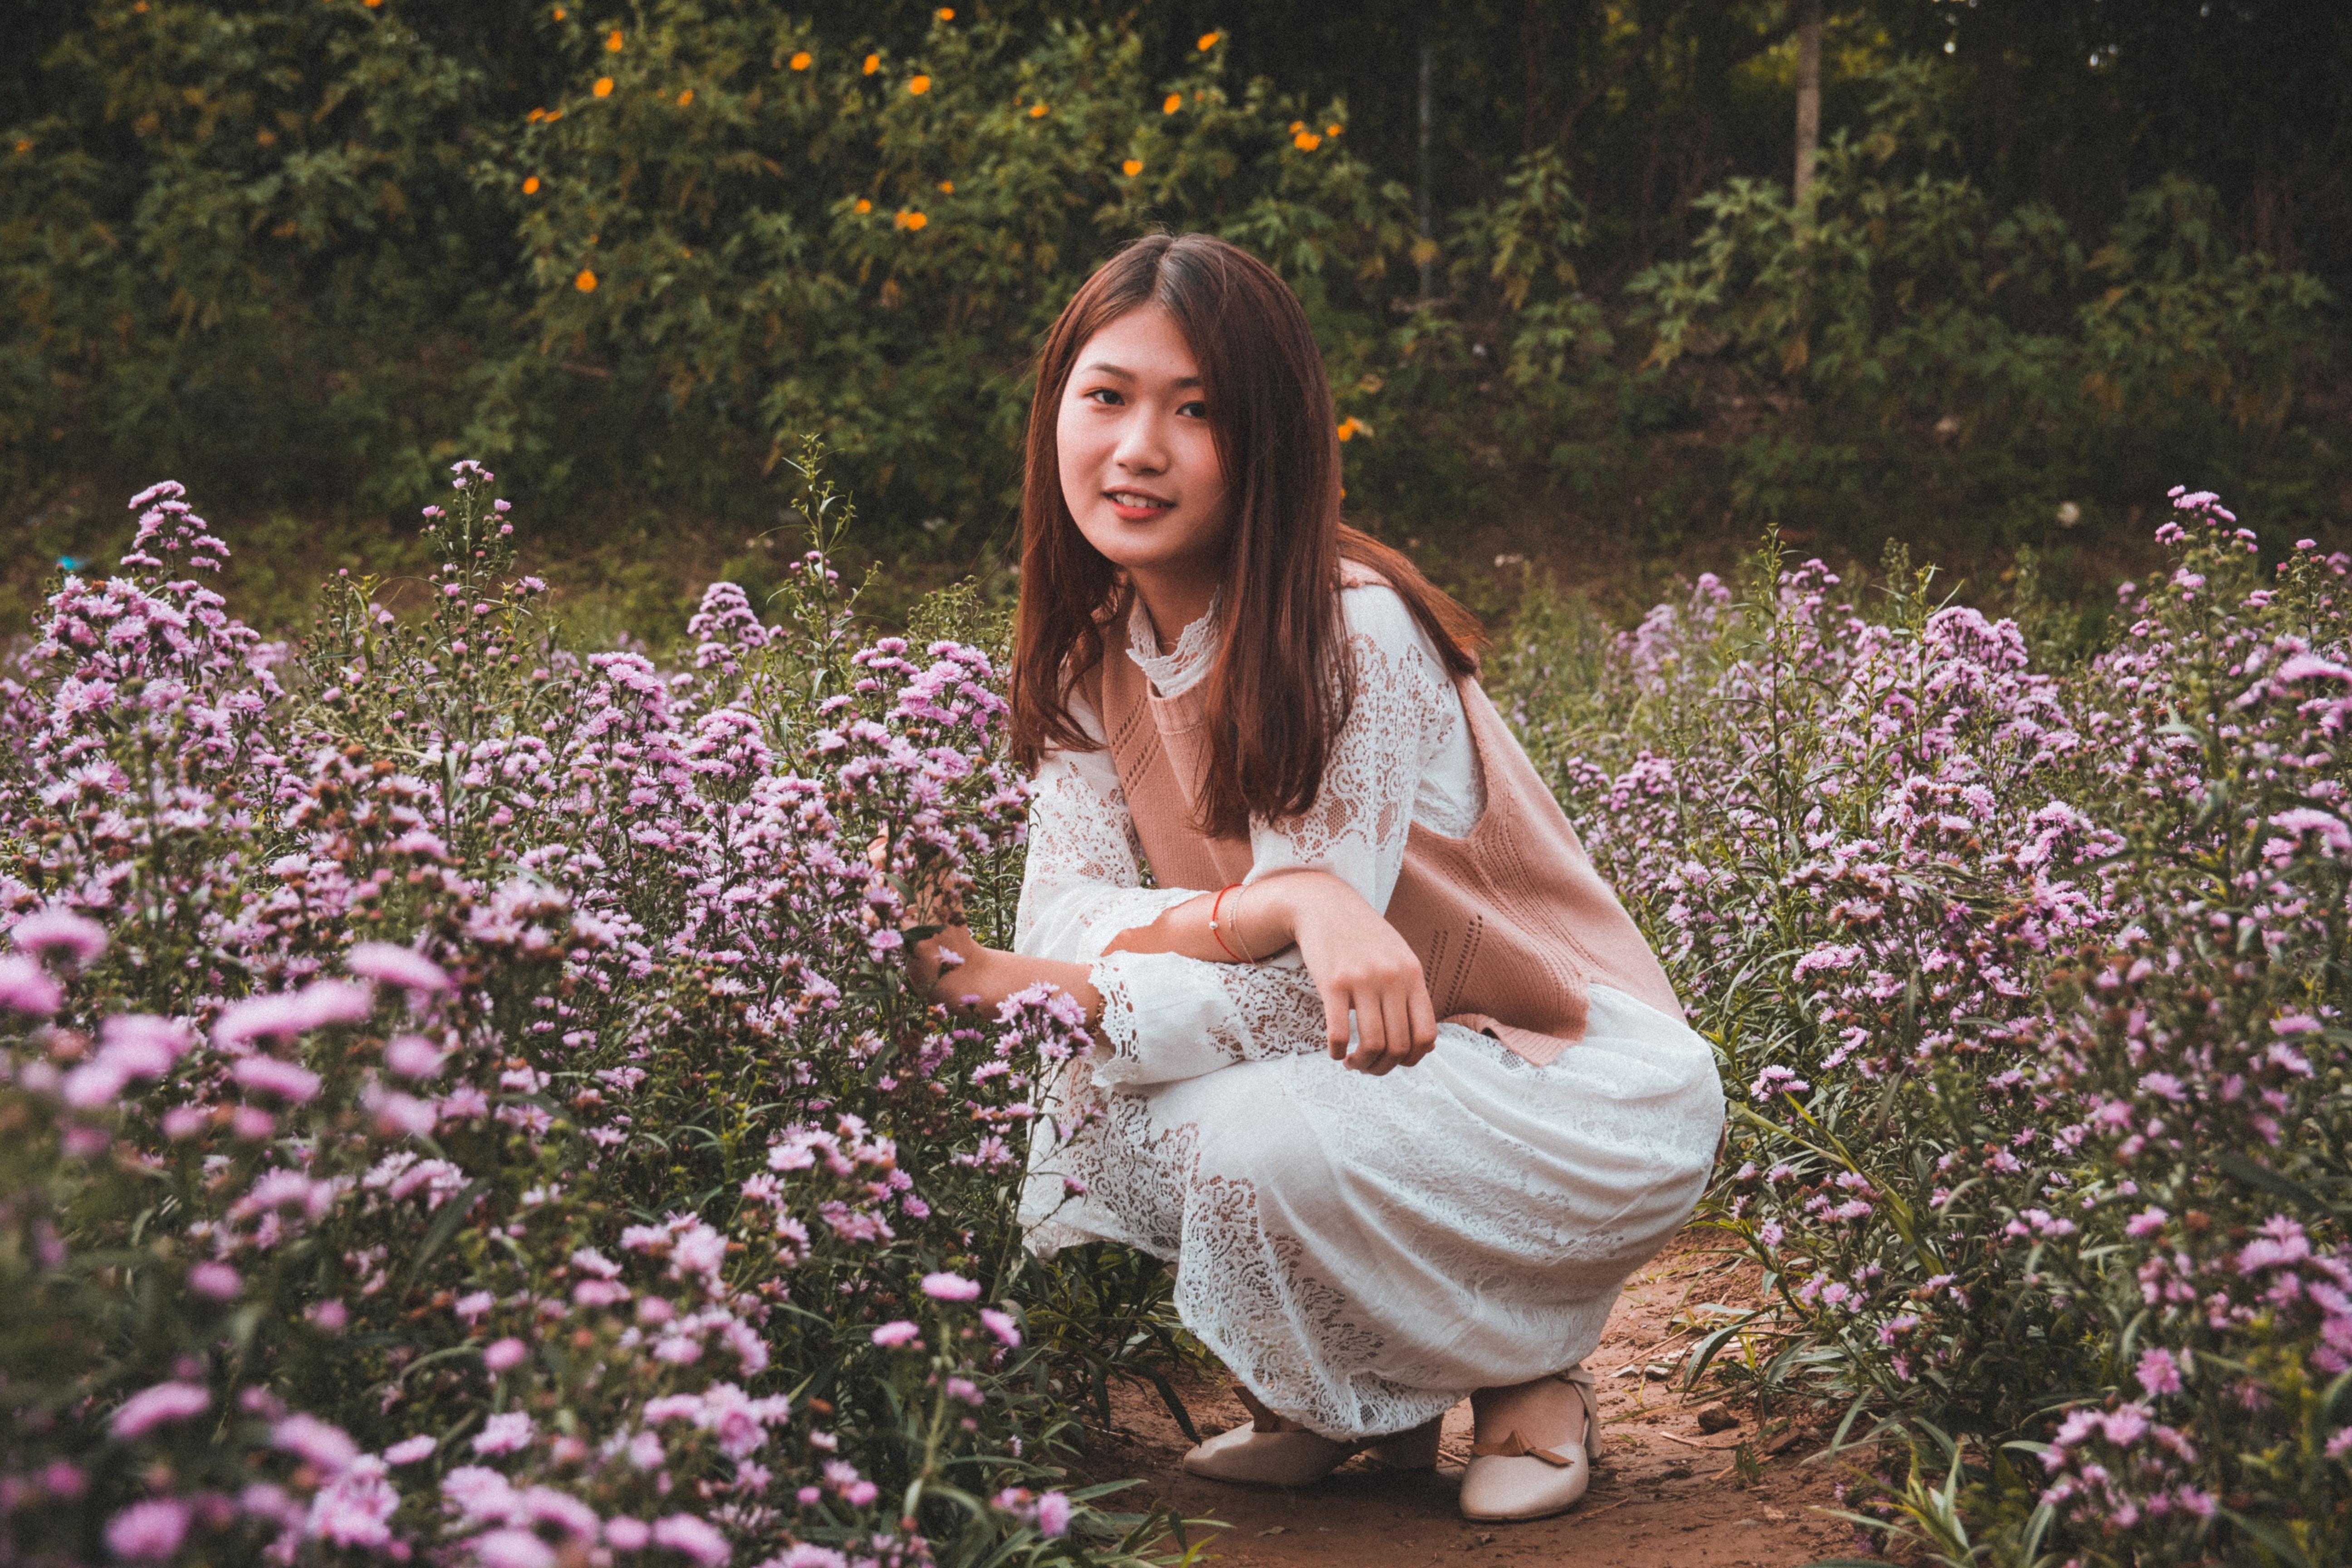 583c7fc058f2 smukke blomster smuk kvinde blomstrende dagslys flora blomster positur  udgør hugsiddende